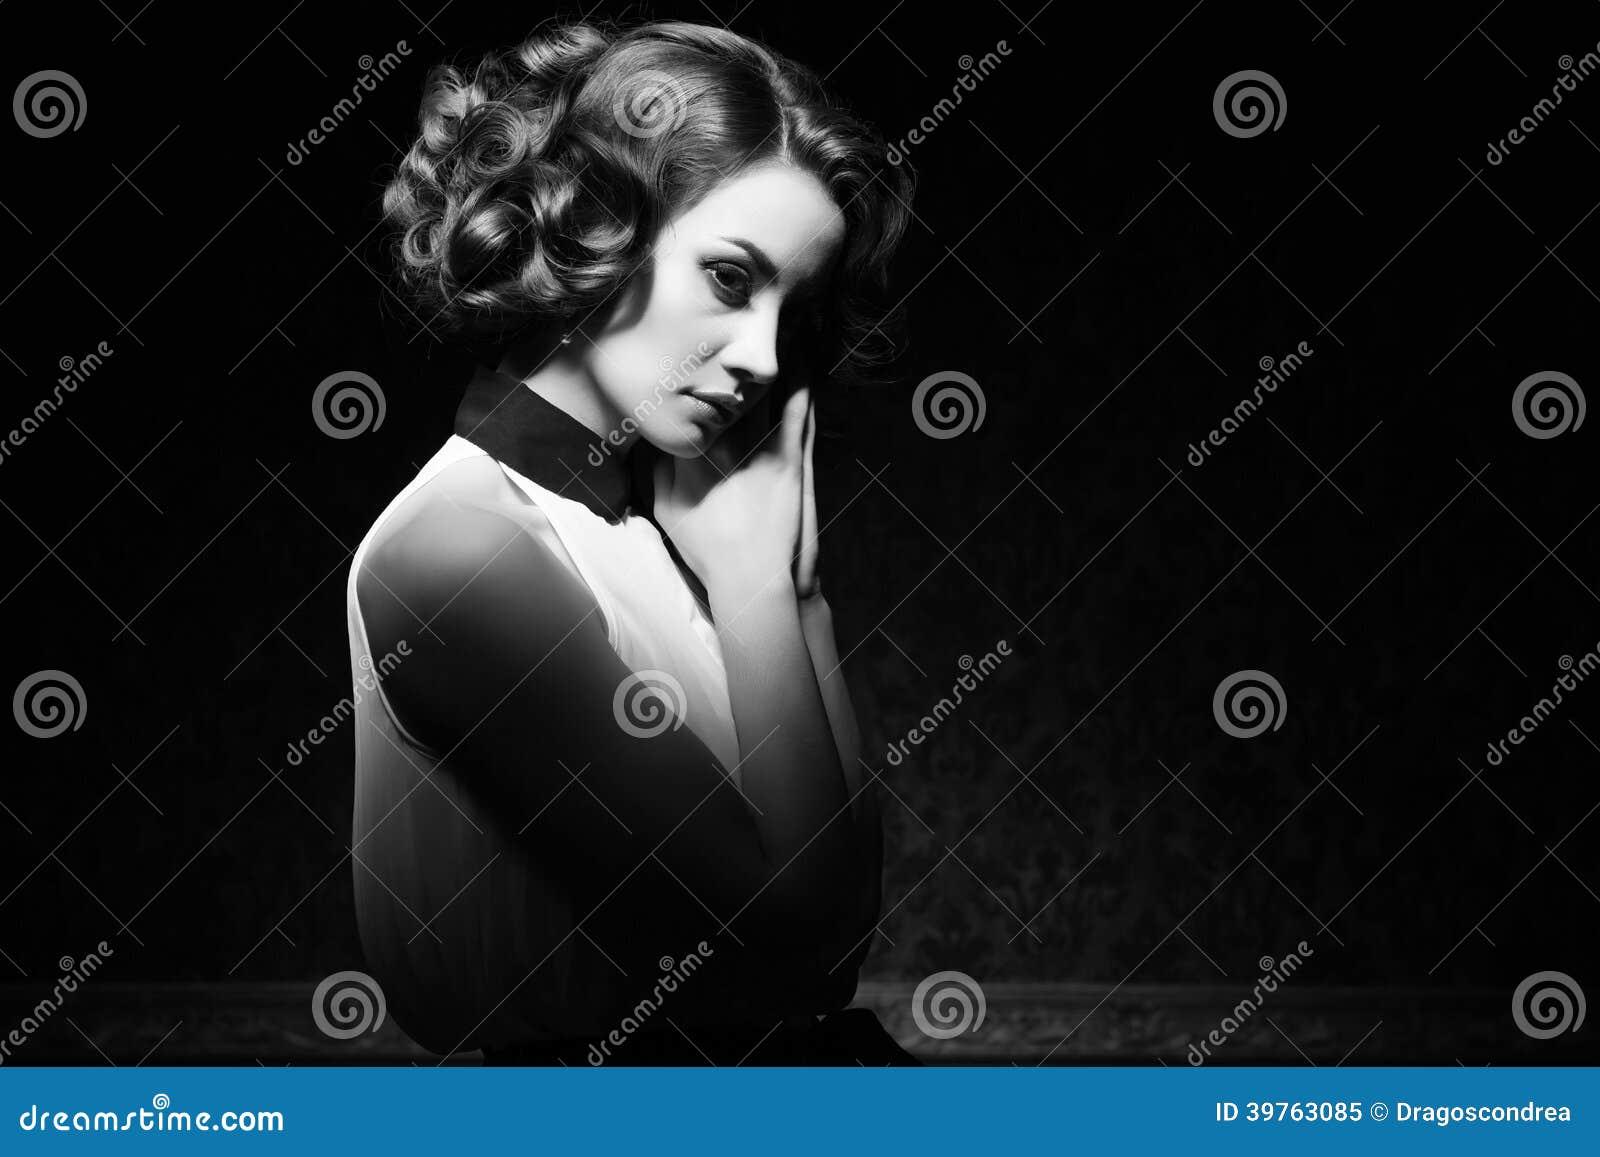 Pięknej kobiety rocznika czarny i biały wizerunek